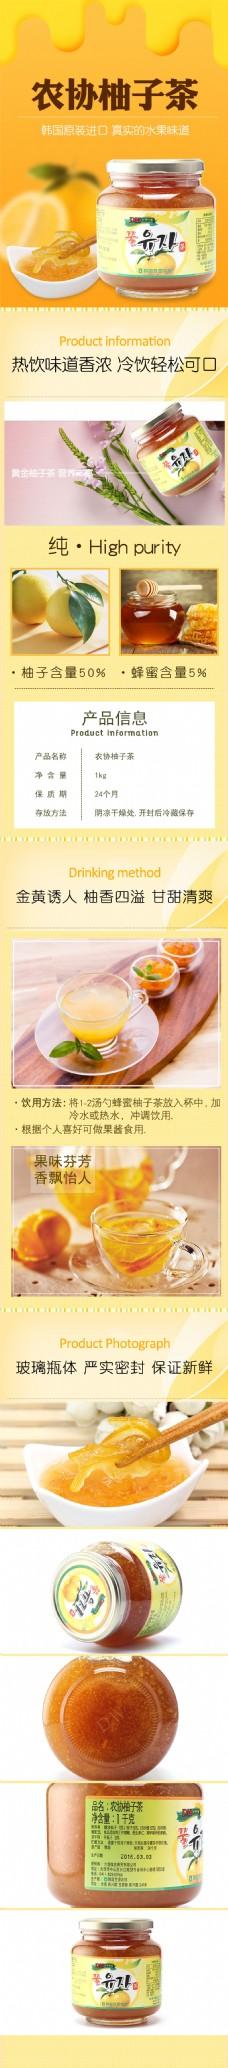 蜂蜜柚子茶茶饮品茶详情页